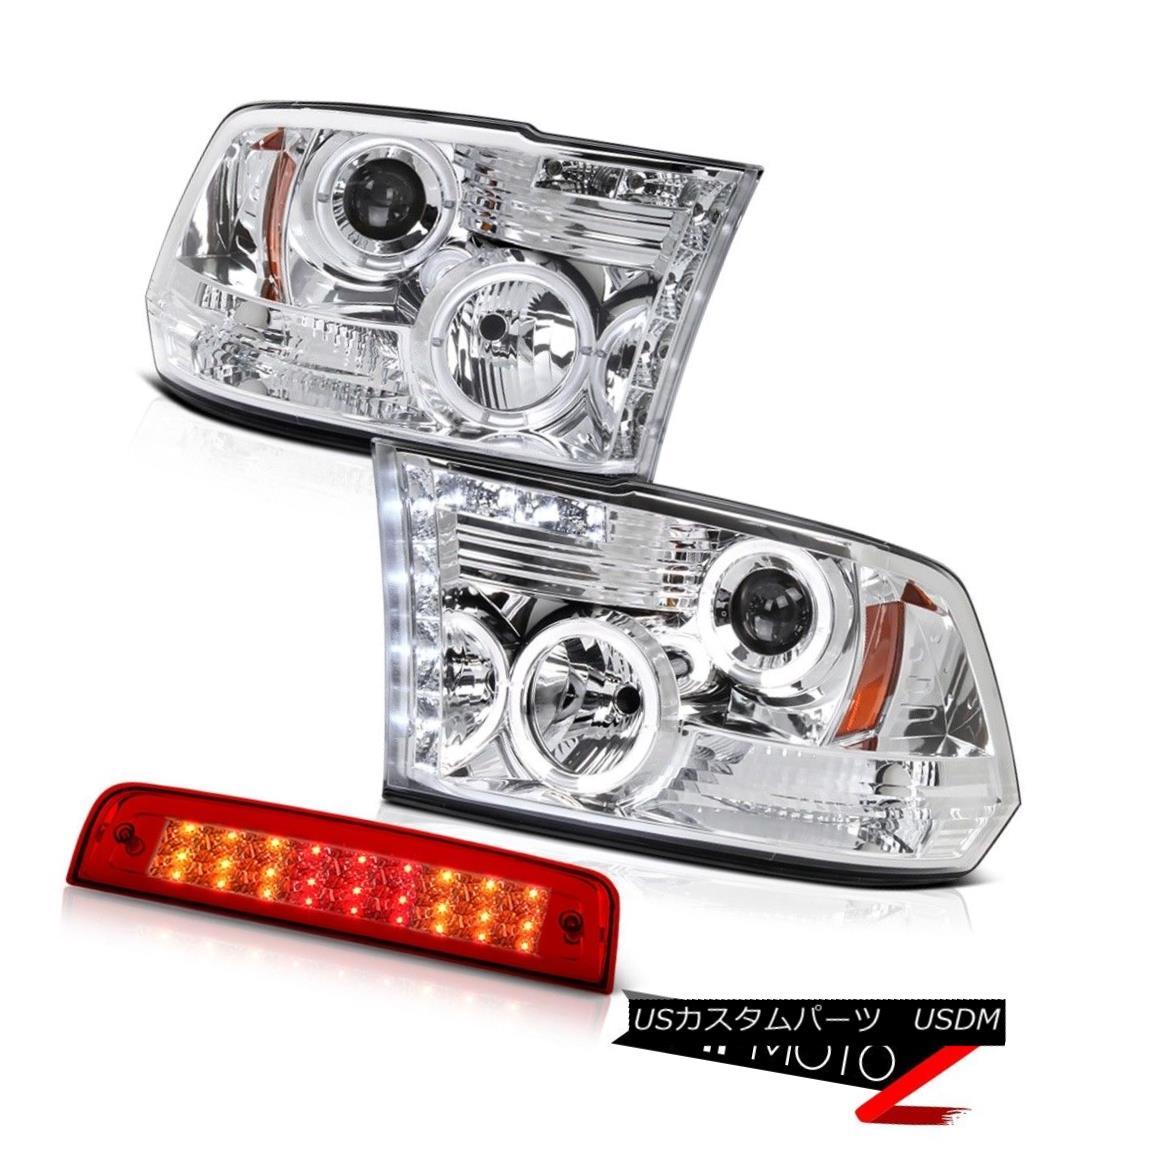 テールライト 09-18 Ram 1500 SLT Wine Red High Stop Light CrySTal Clear Headlights Dual Halo 09-18ラム1500 SLTワインレッドハイストップライトCrySTalクリアヘッドライトデュアルヘイロー